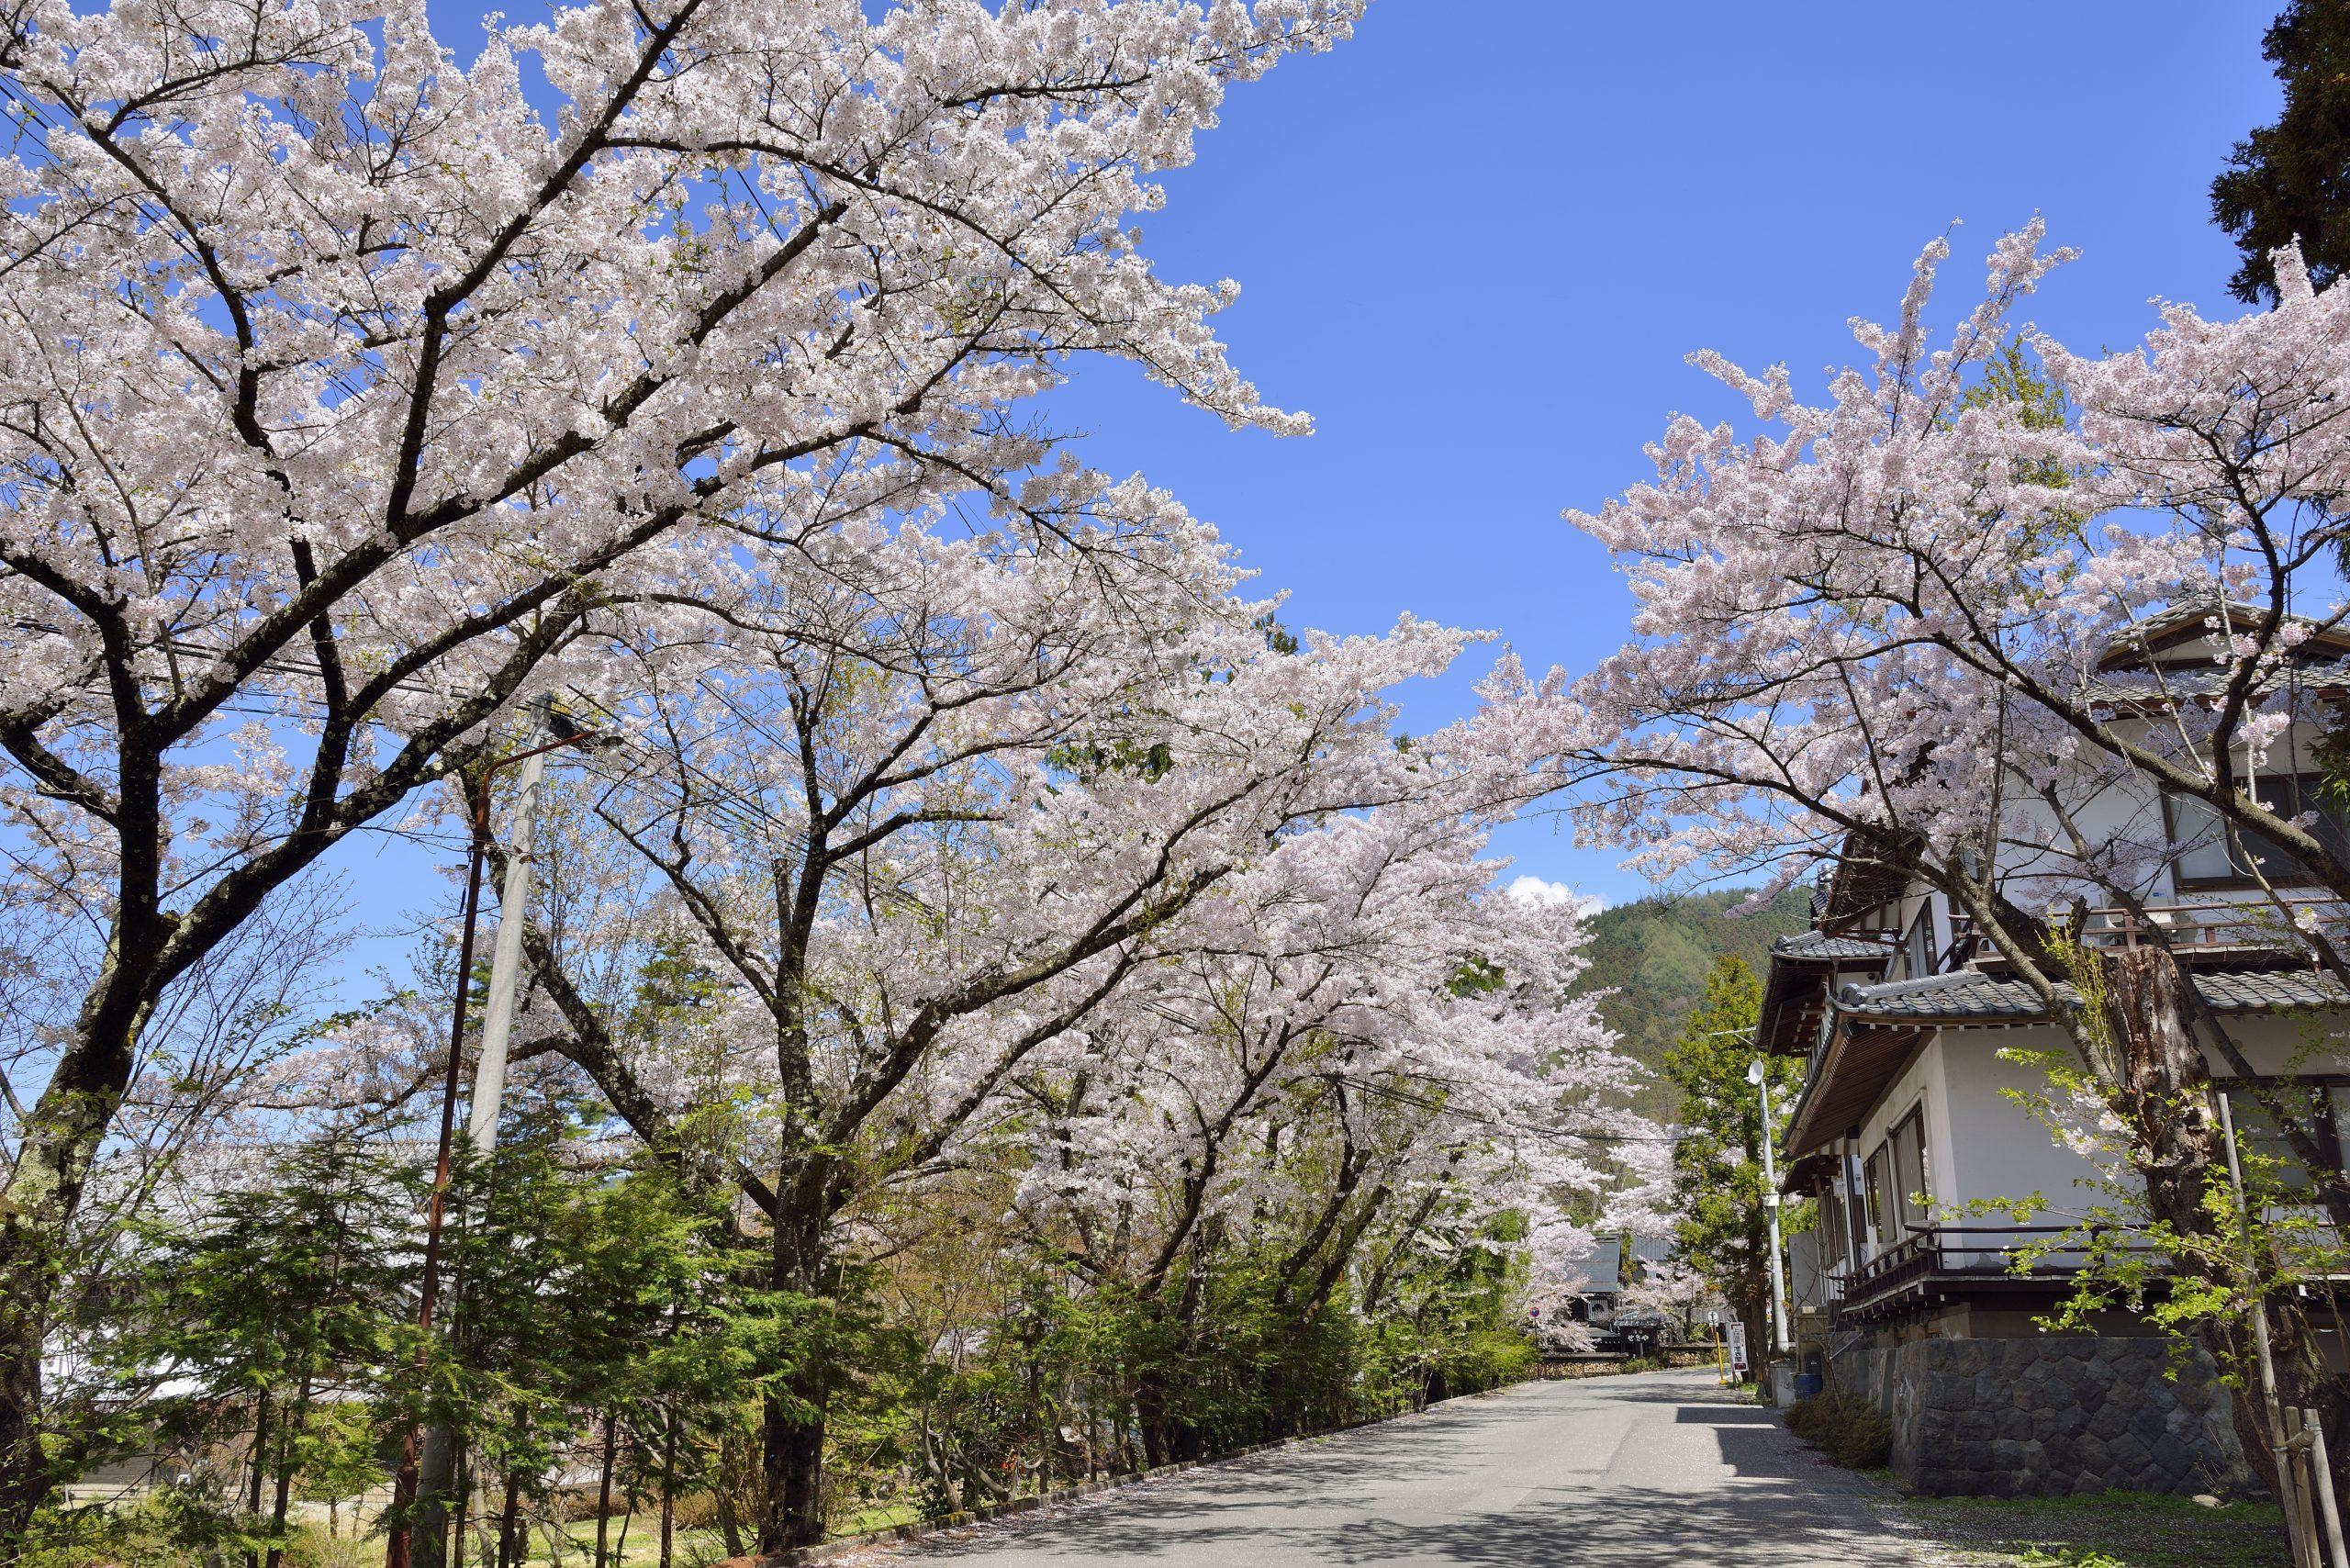 kanbayashi-onsen-cherry-blossom-yamanouchi